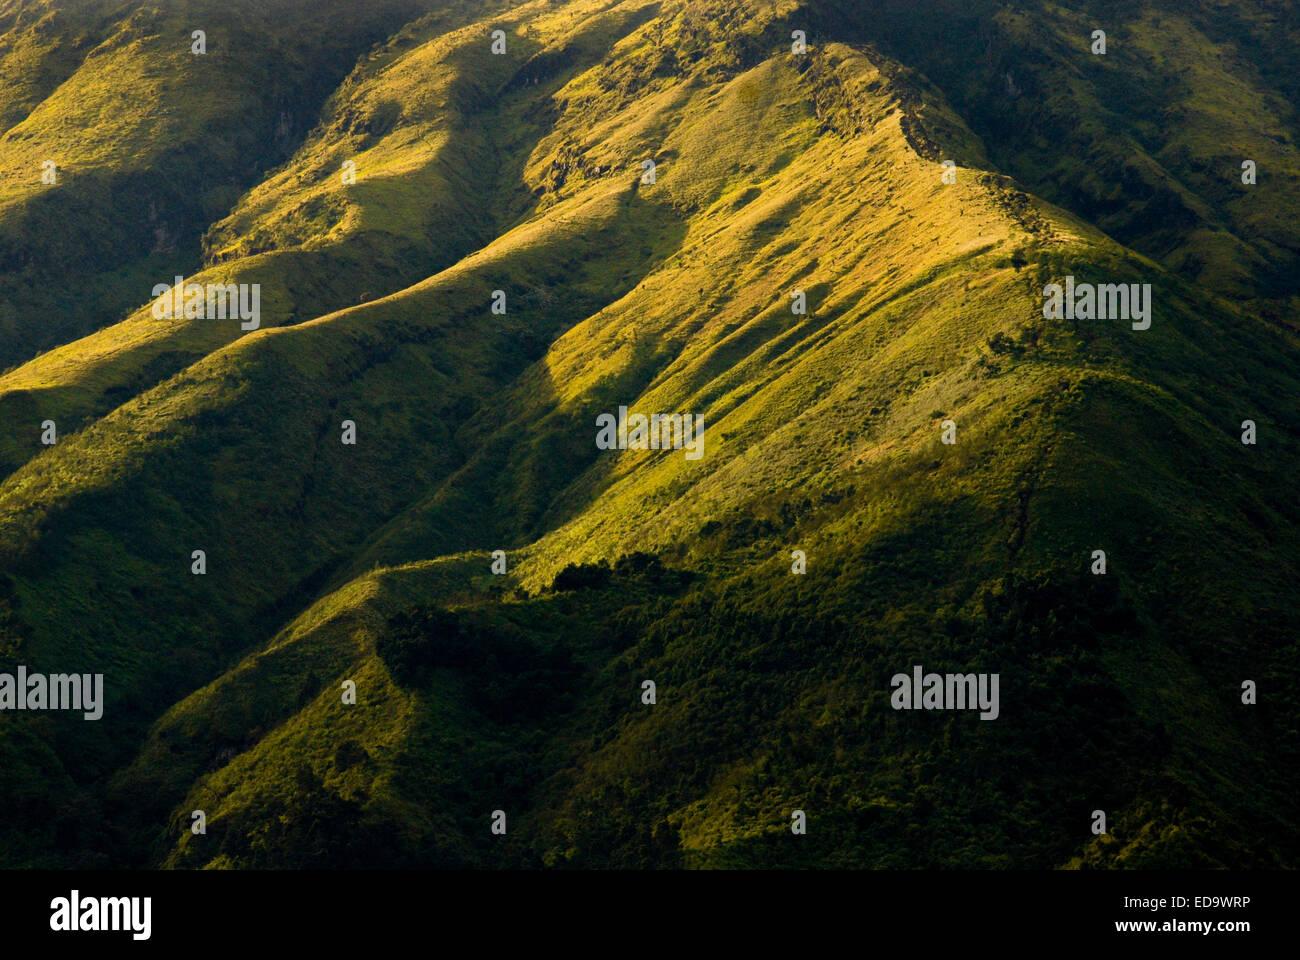 Las crestas del Monte Sundoro volcán, Java Central, Indonesia. Imagen De Stock